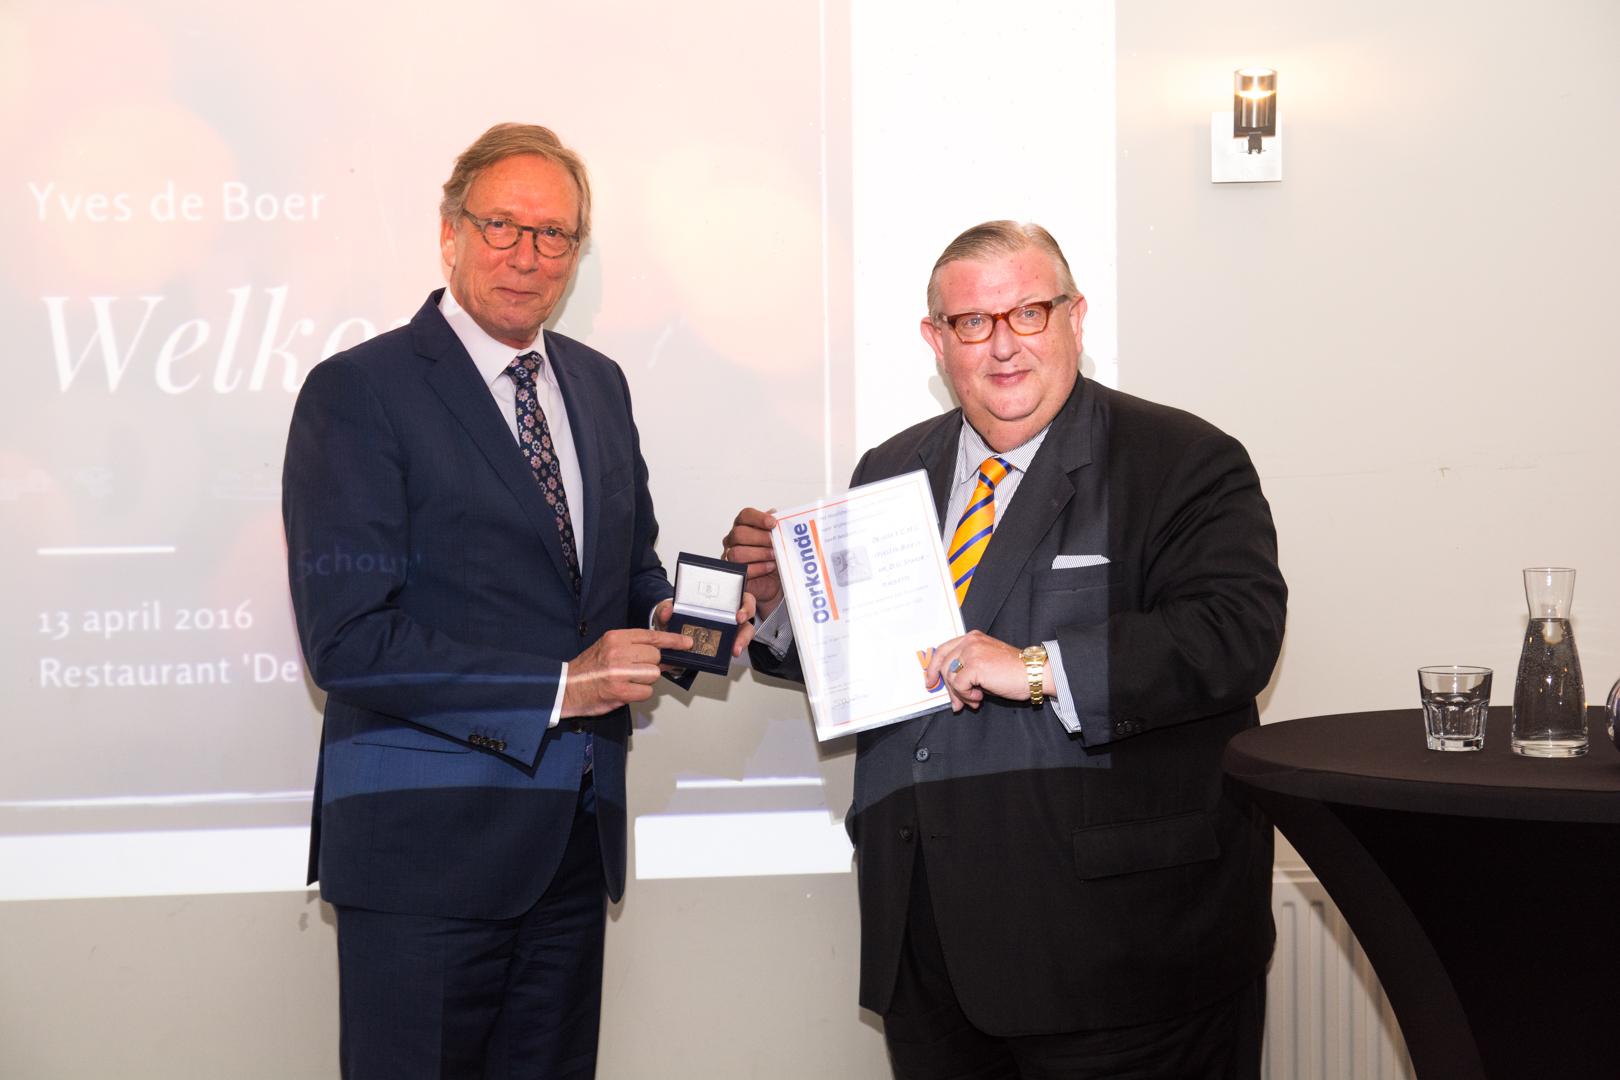 [NIEUWS] Voormalig wethouder Yves de Boer ontvangt hoge VVD-onderscheiding